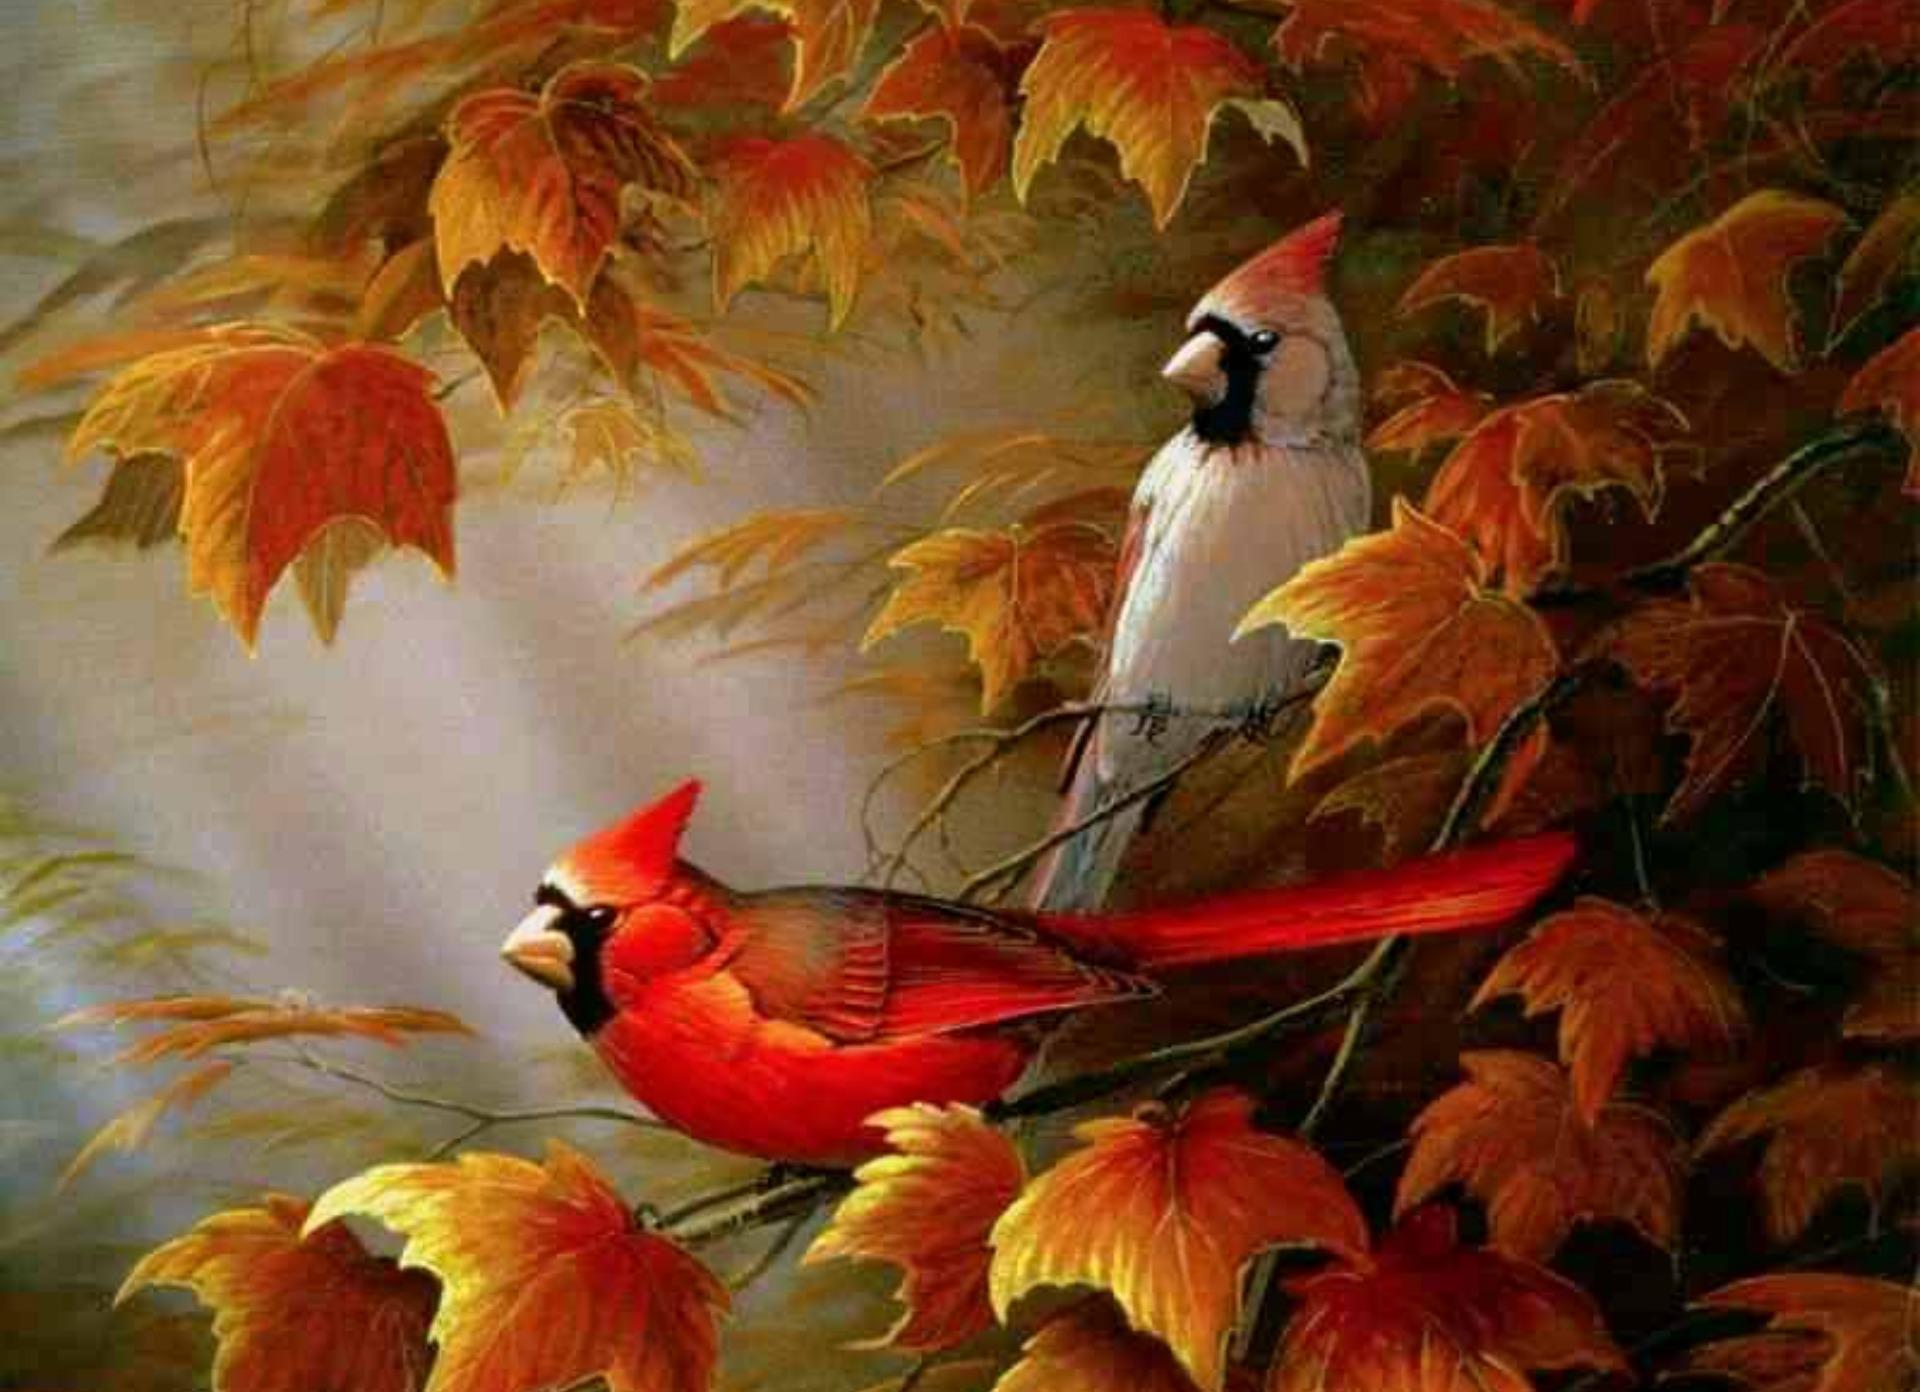 Cardinals birds   Autumn Cardinals Wallpapers   HD Wallpapers 95116 1920x1392